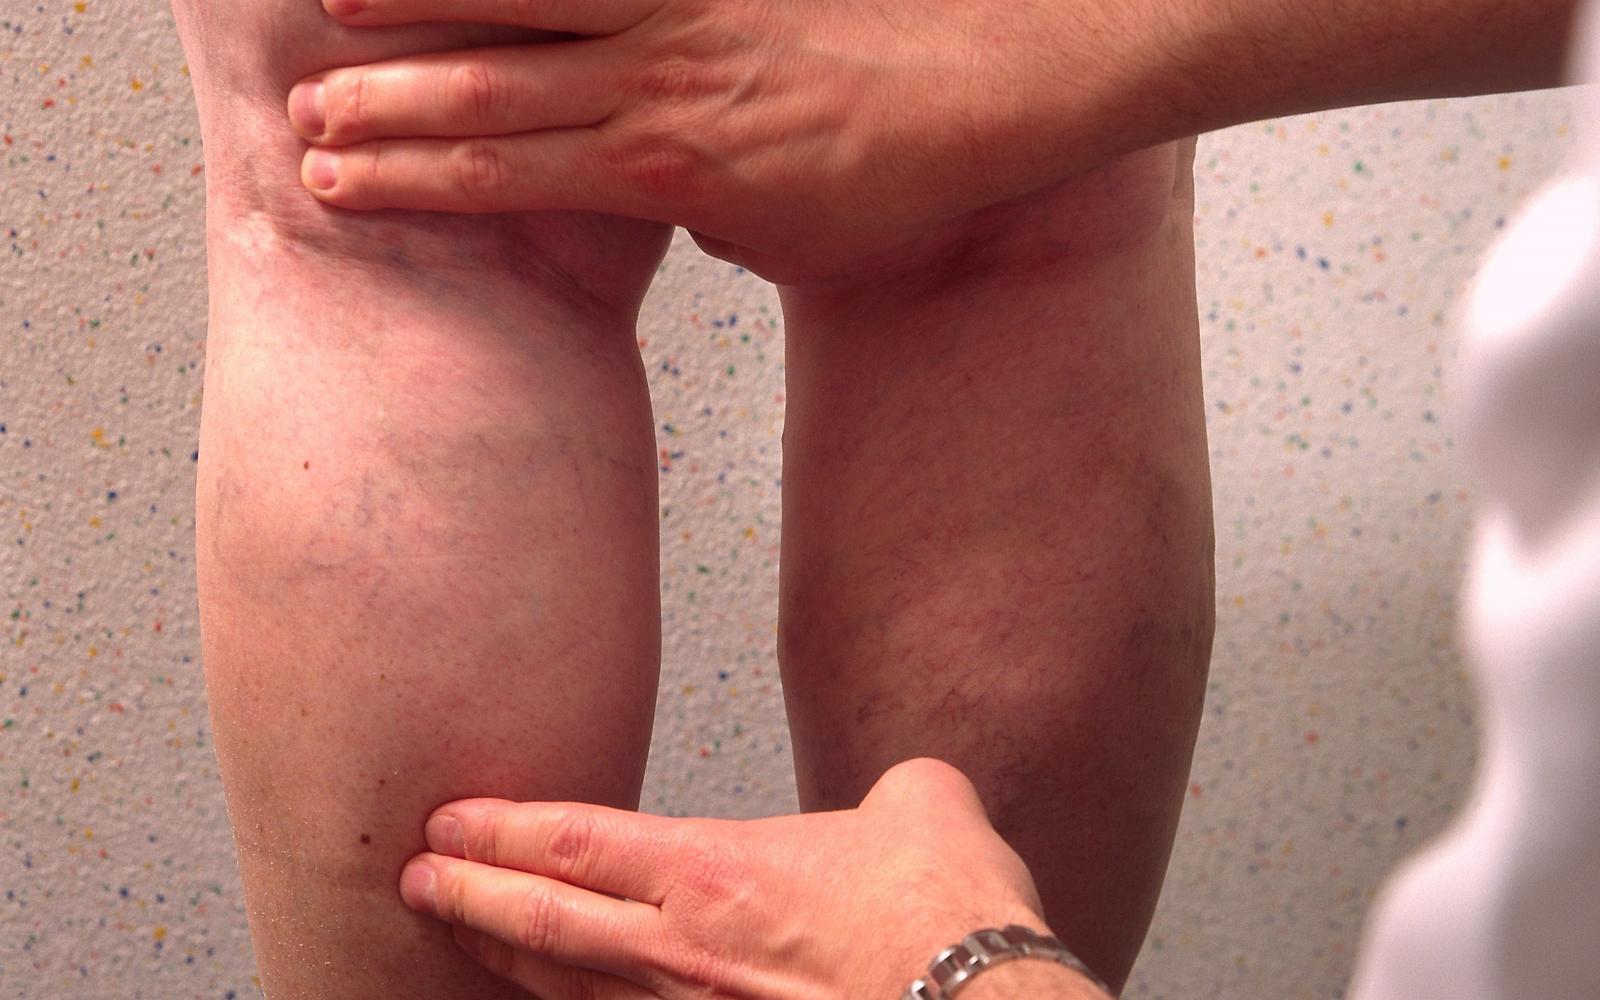 mit kell borotválni a visszér műtét során